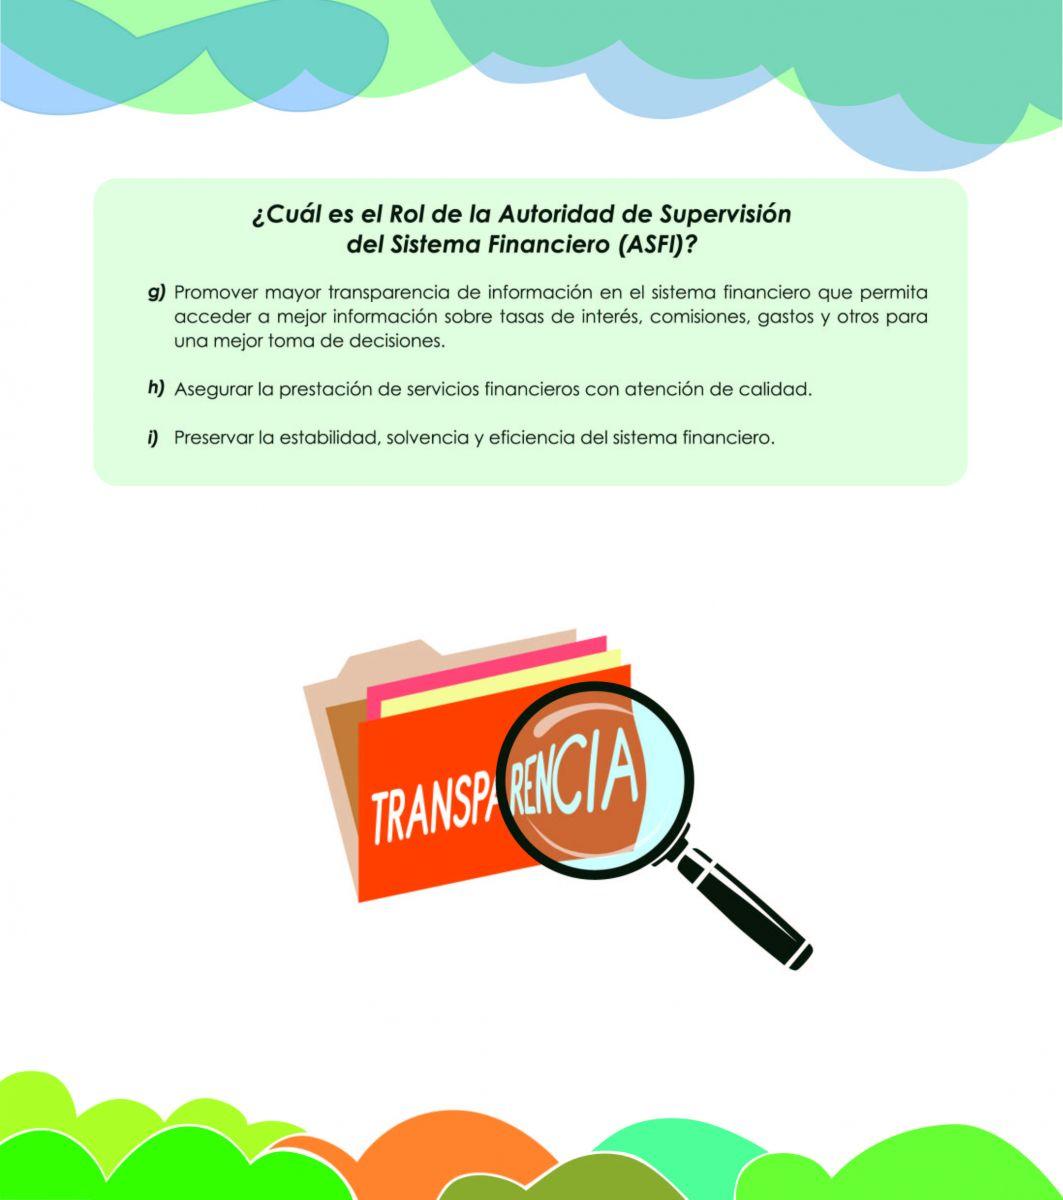 ¿Cuál es el Rol de la Autoridad de Supervisión del Sistema Financiero (ASFI)? - Parte2